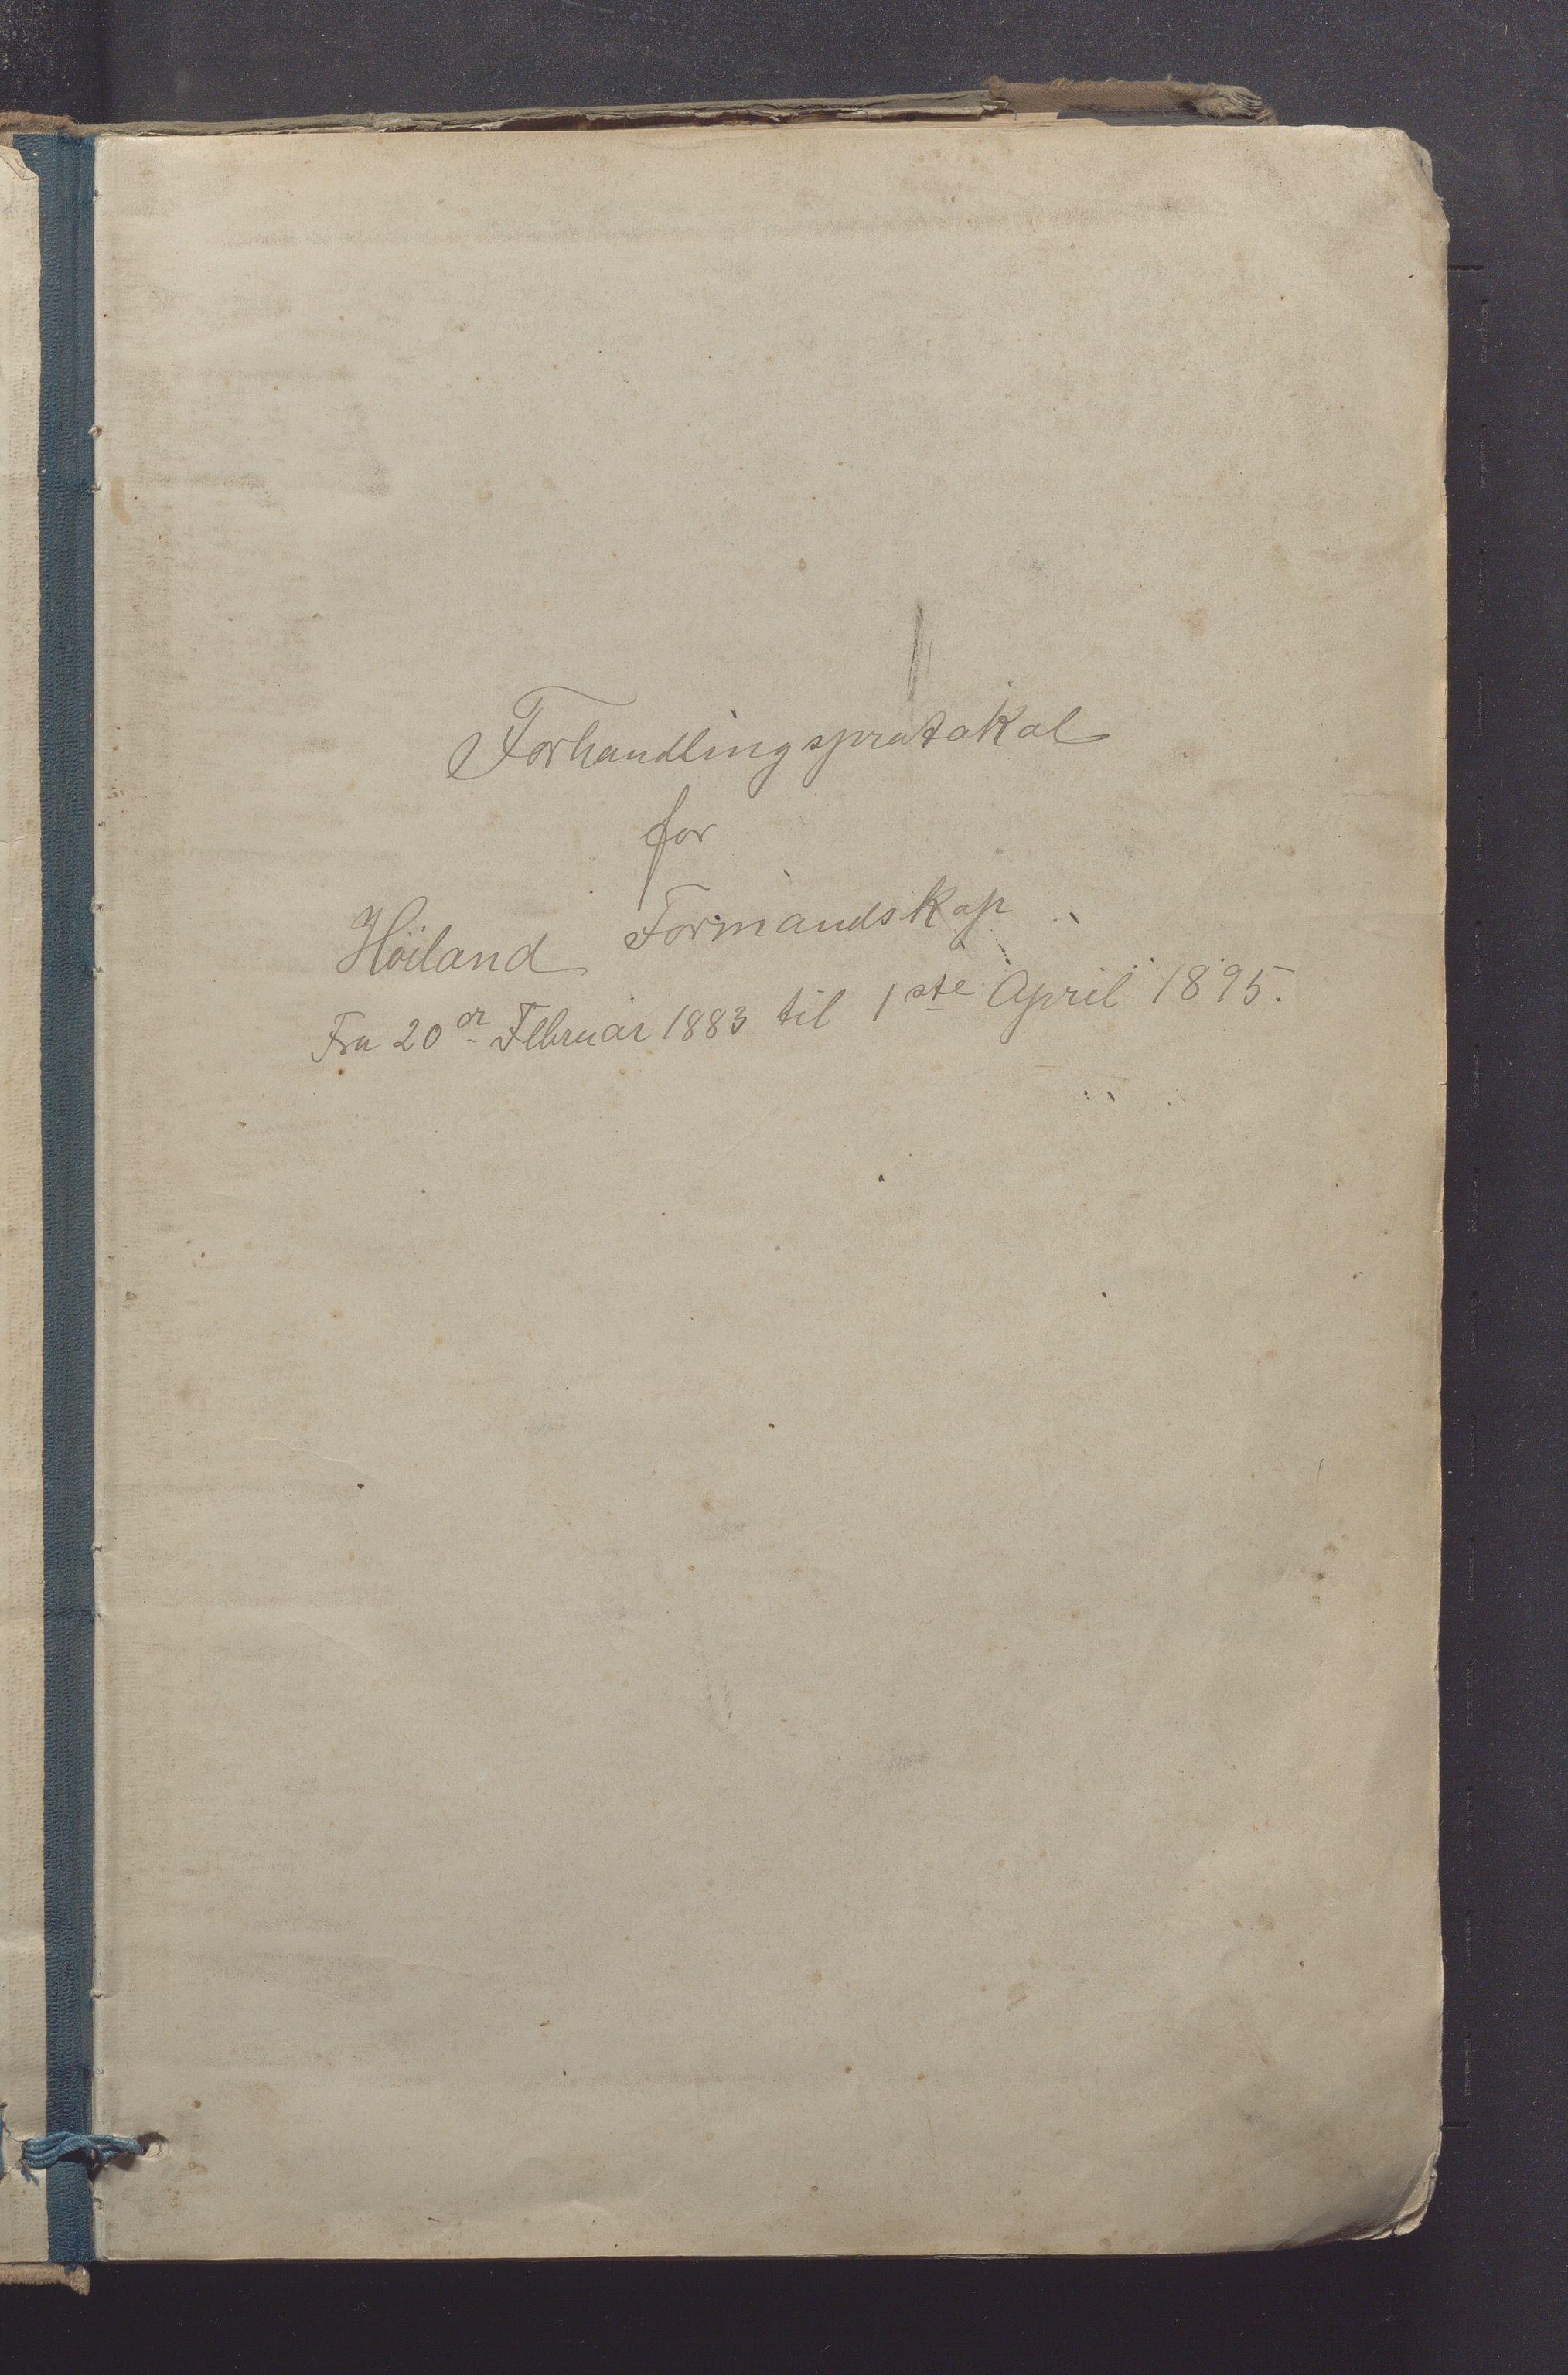 IKAR, Høyland kommune - Formannskapet, Aa/L0003: Møtebok, 1883-1895